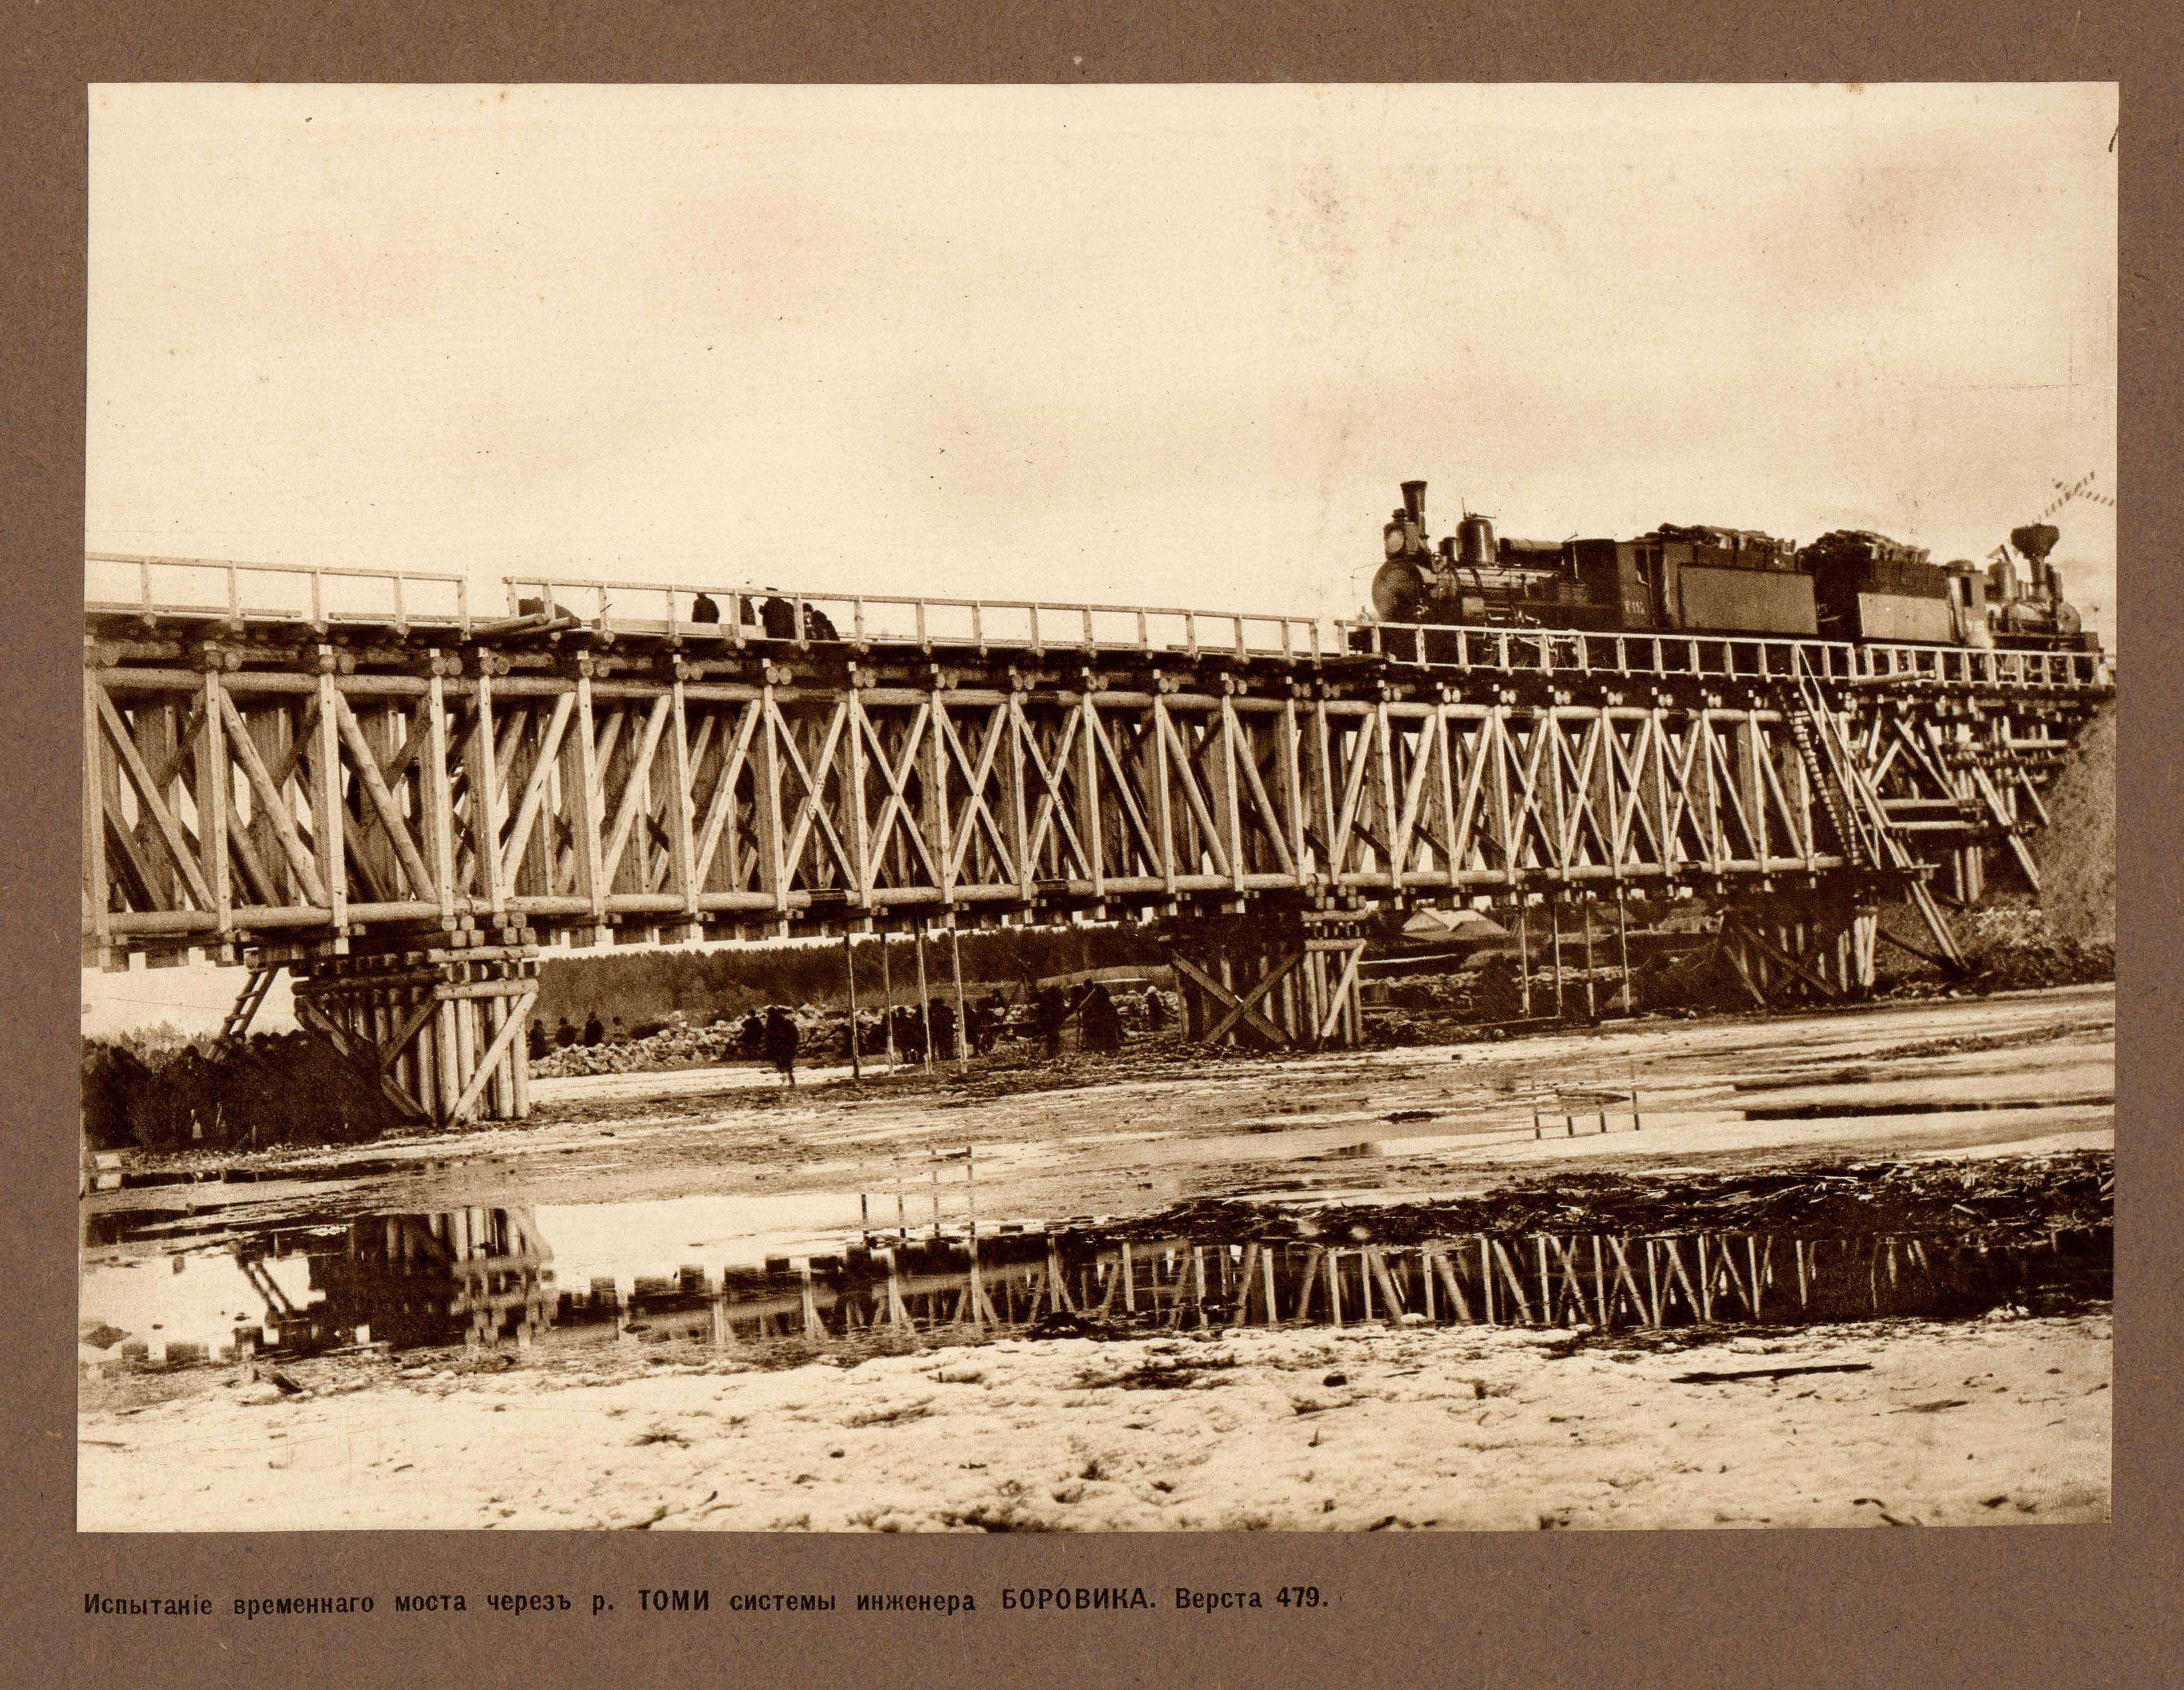 05. Река Томь, верста 479. Испытание временного моста через реку системы инженера Боровика